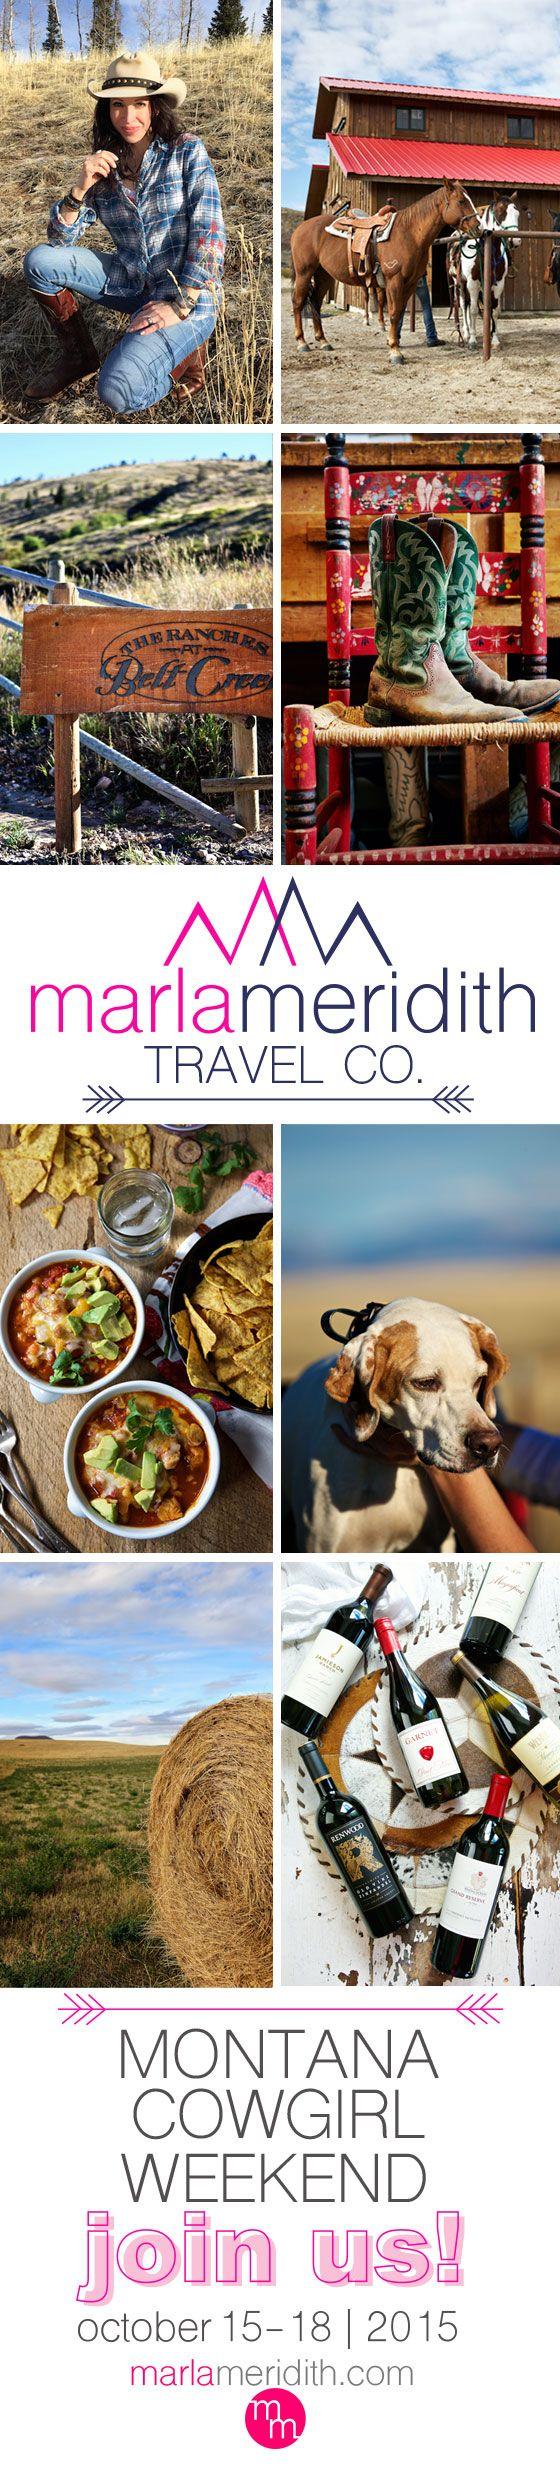 Marla Meridith's Montana Cowgirl Weekend   Join us Oct. 15th-18th 2015   MarlaMeridith.com ( @marlameridith )